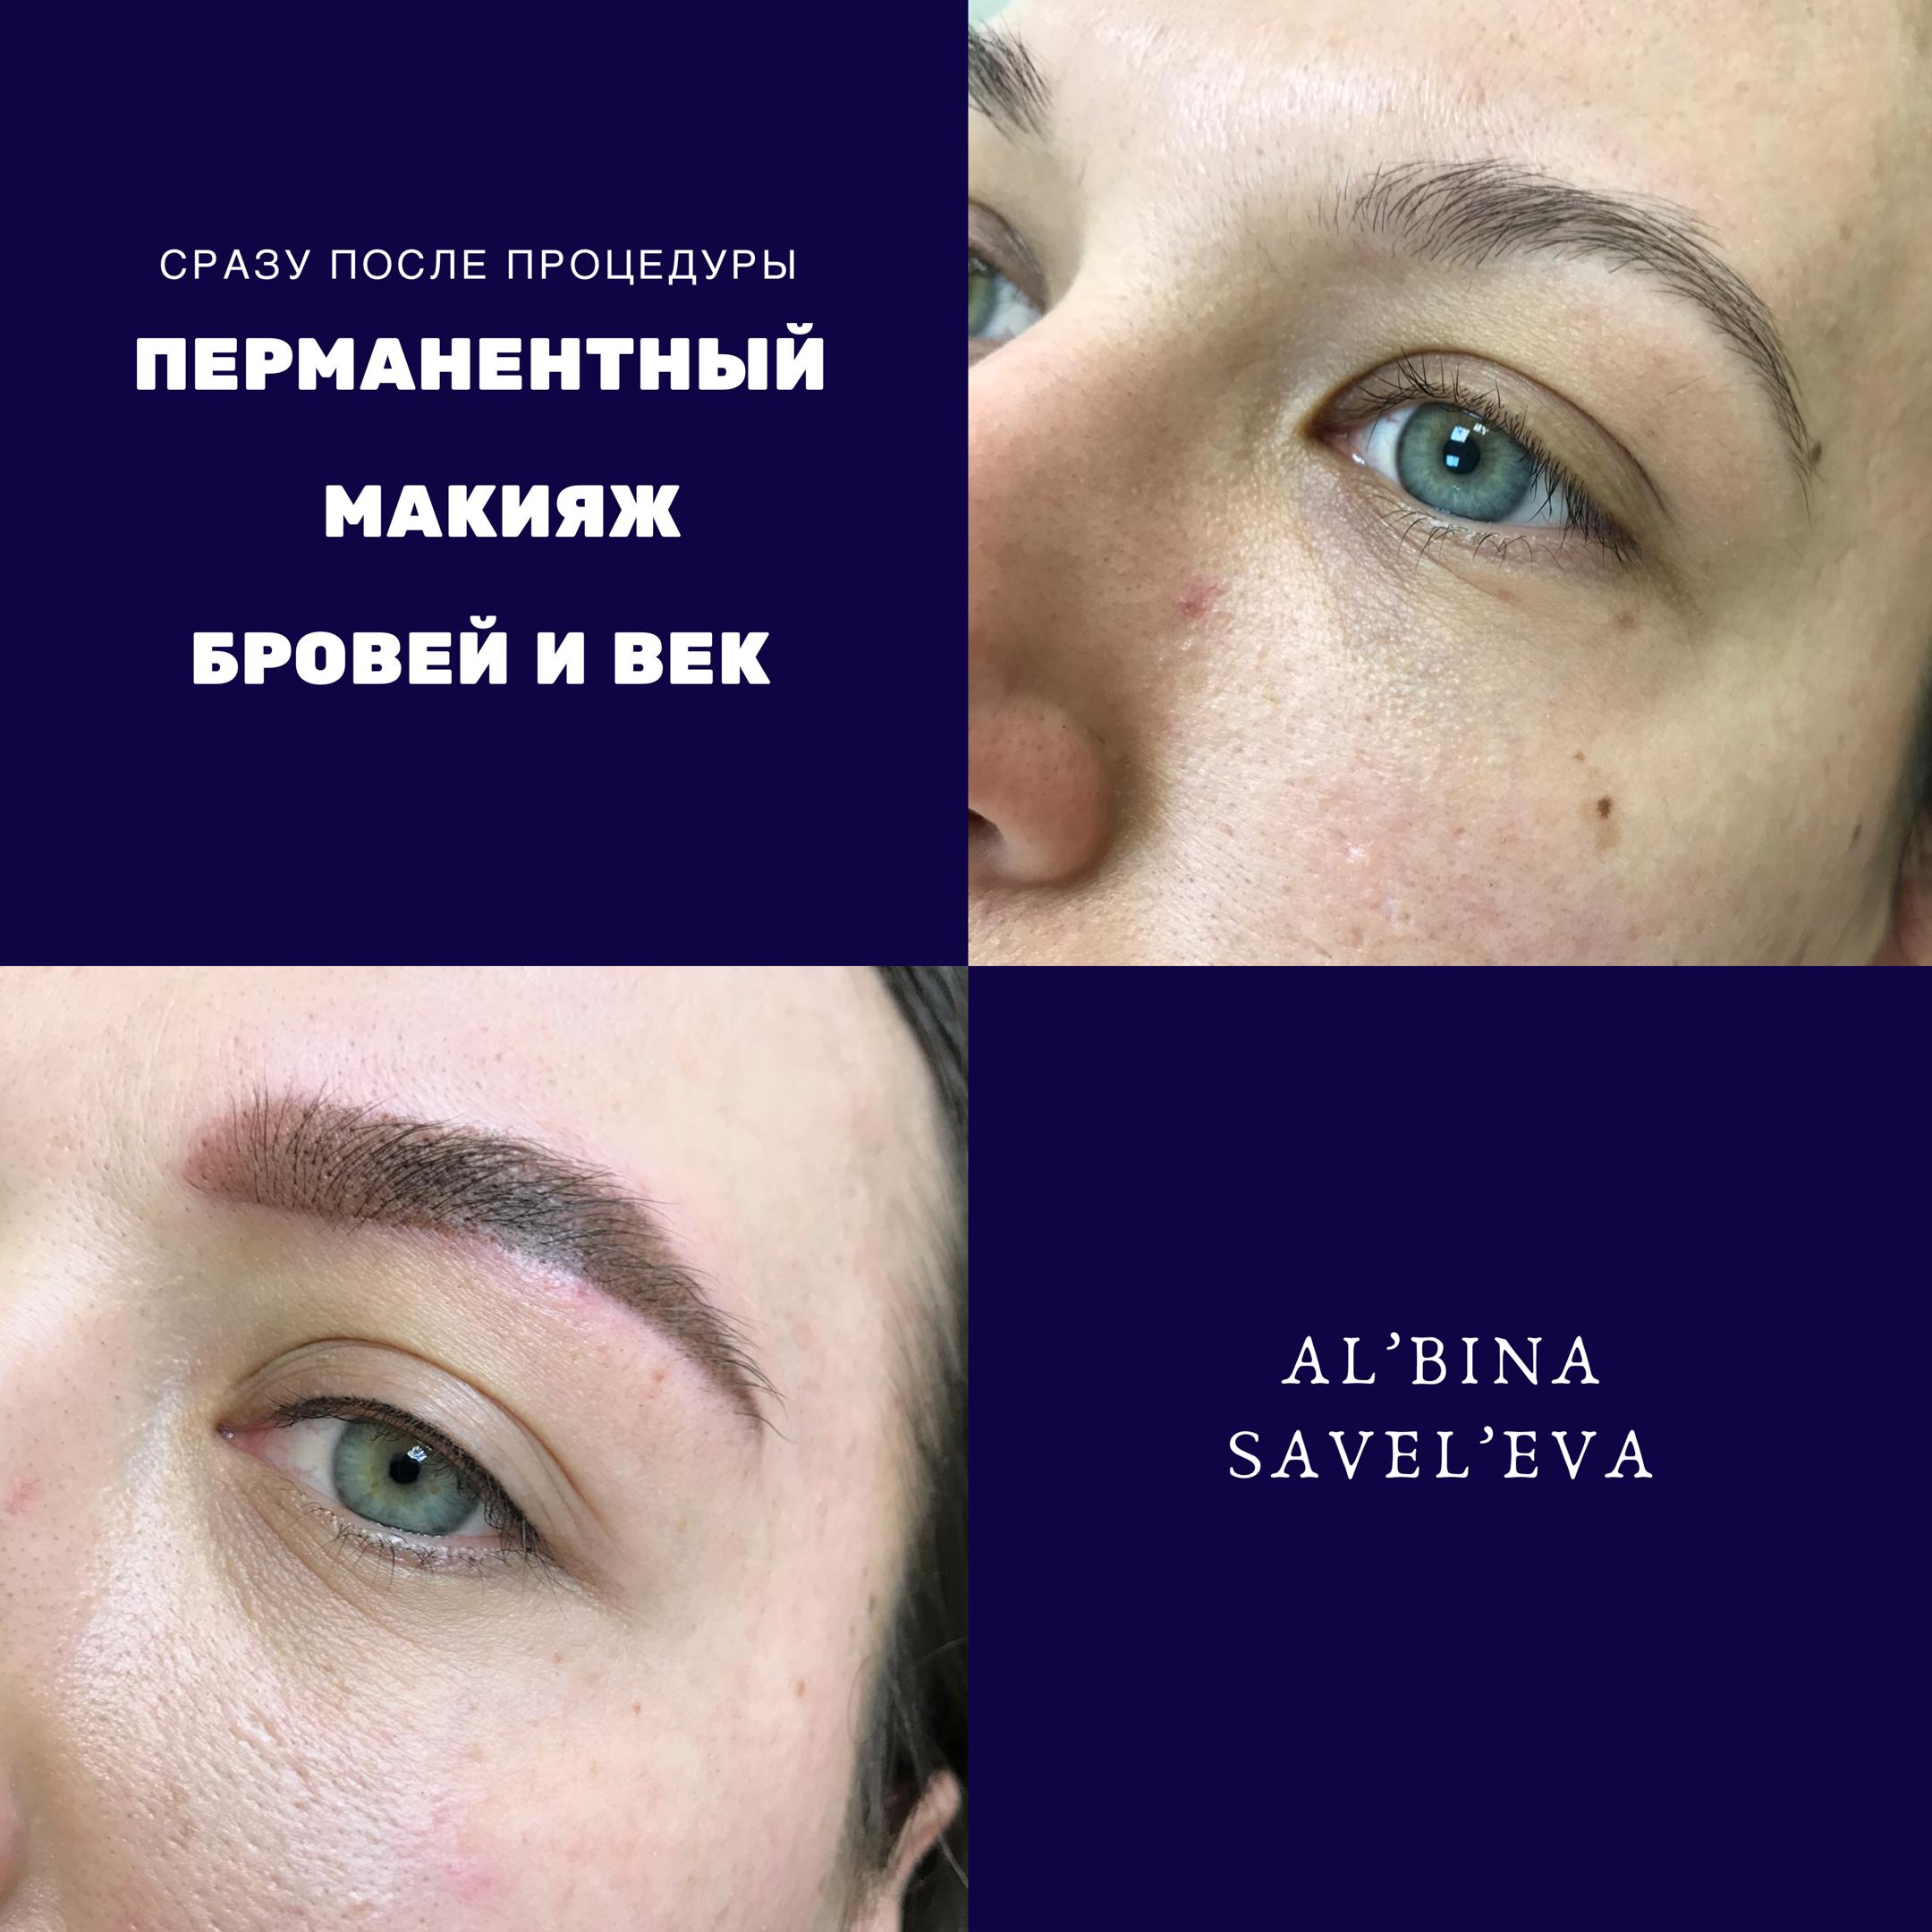 Перманентный макияж москва